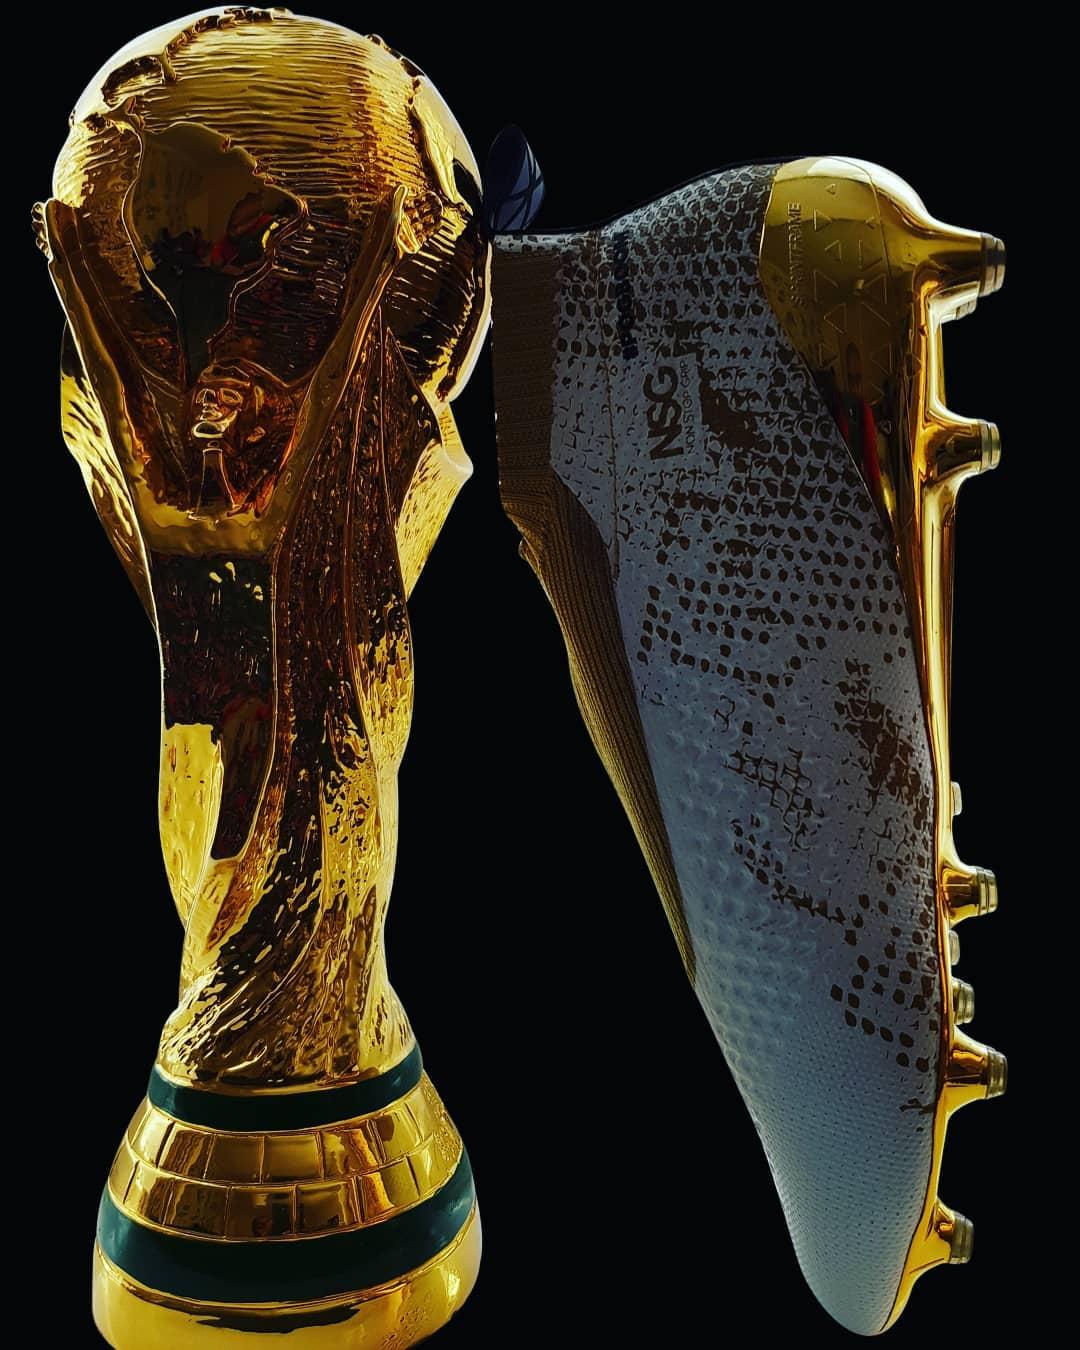 มองหารองเท้าบูทที่สวมใส่หลังจากการแข่งขันฟุตบอลโลก @paulpogba #pogba #pogboom #france #manun …